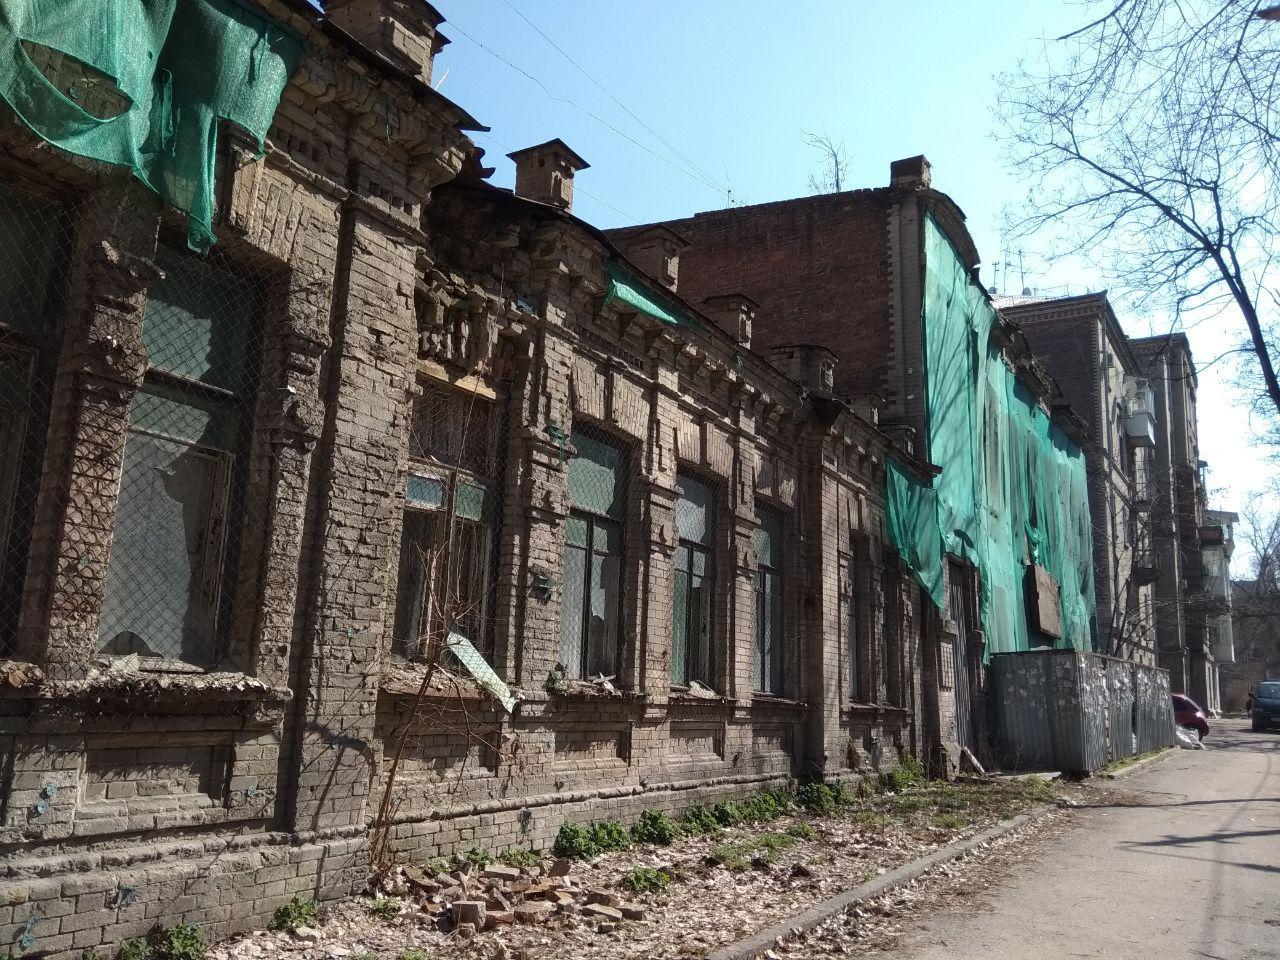 Новость - События - Не стучи, не откроют: дом ювелира на улице 8 марта проклят чернокнижником